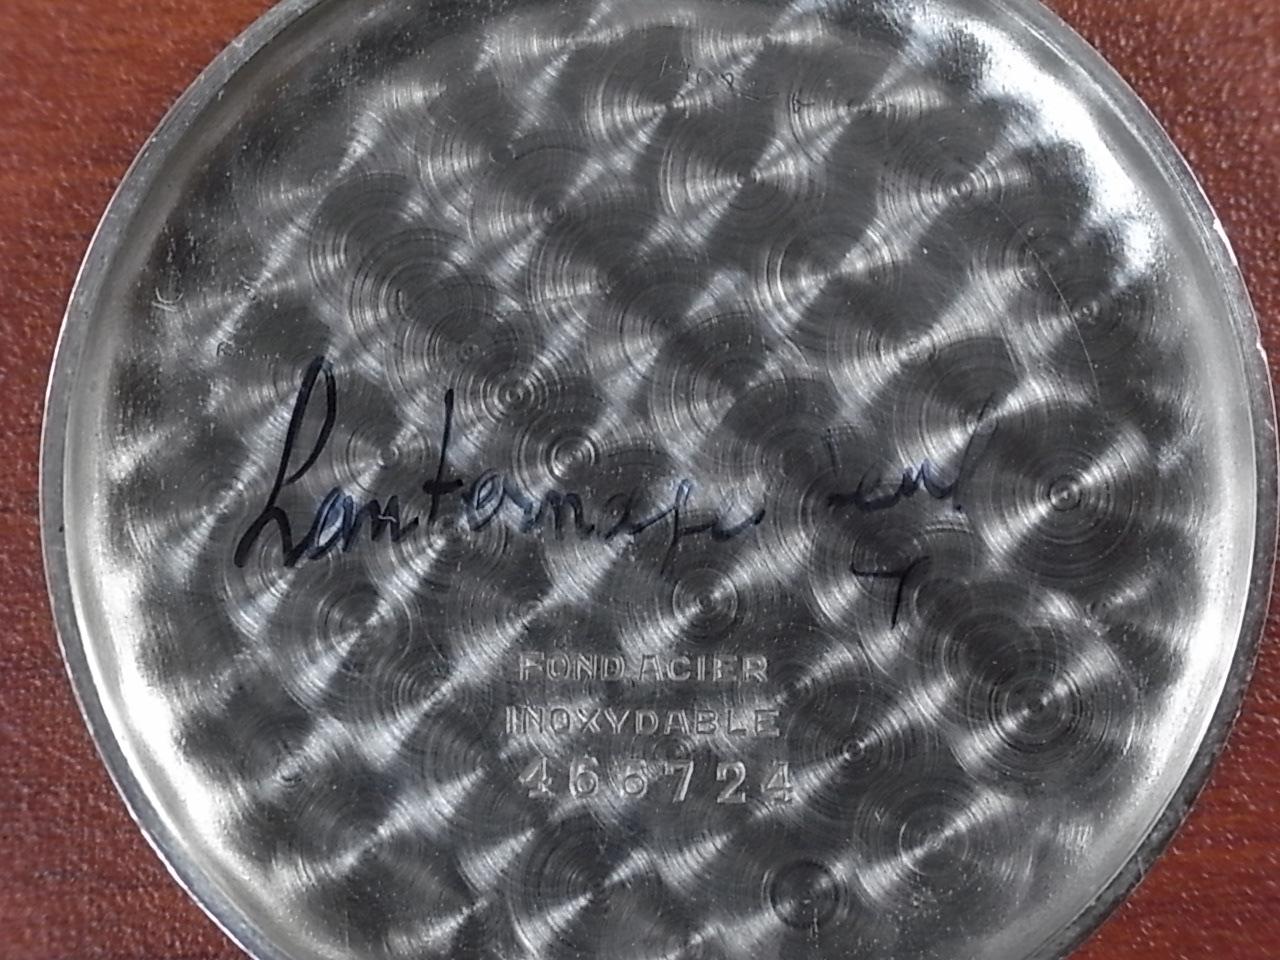 テフォー クロノグラフ フレキシブルラグ Cal.ヴィーナス170 1930年代の写真6枚目